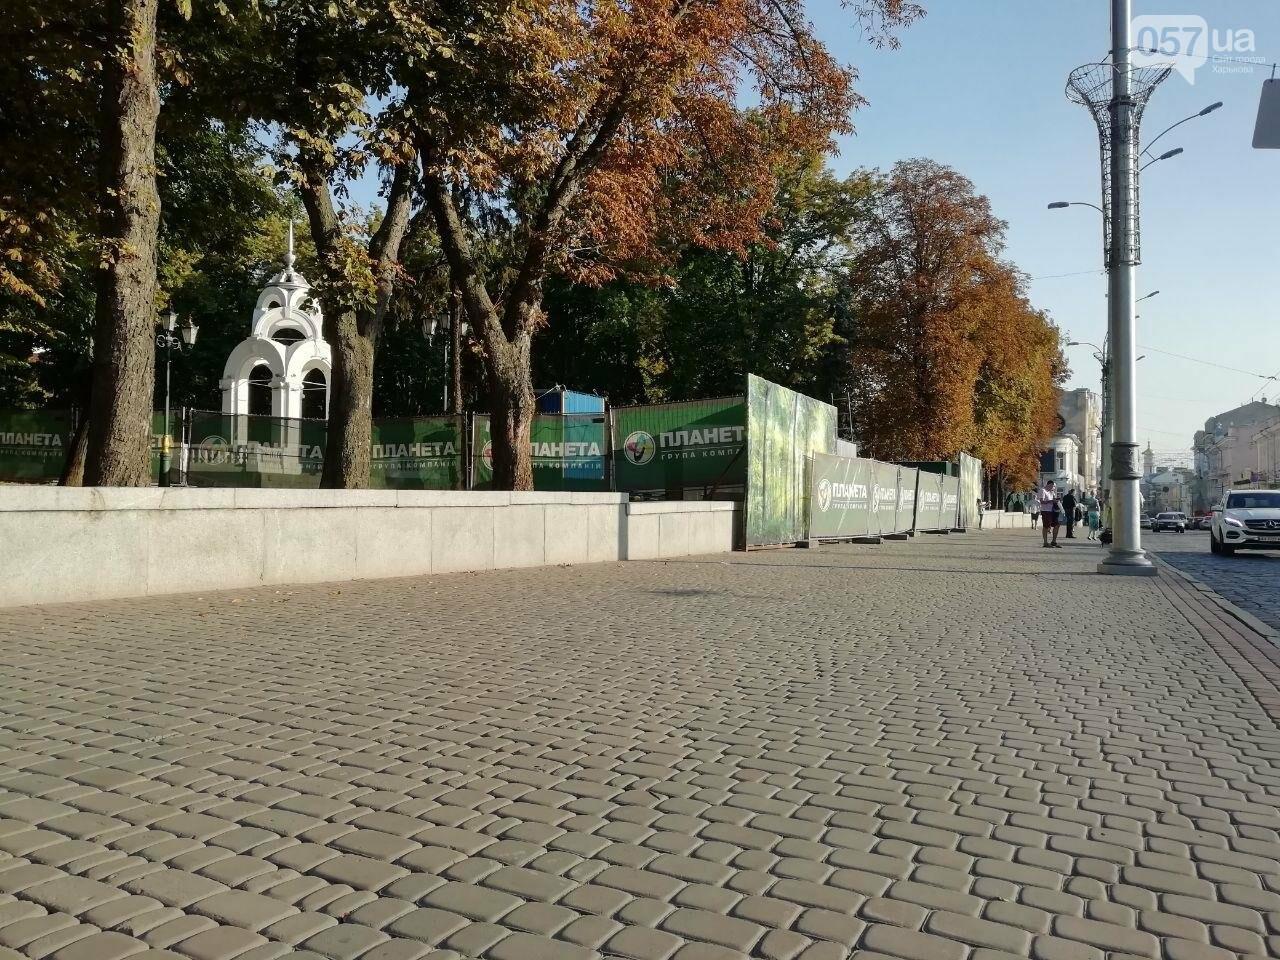 В Харькове за 20 миллионов отремонтируют «Зеркальную струю», - ФОТО, фото-1